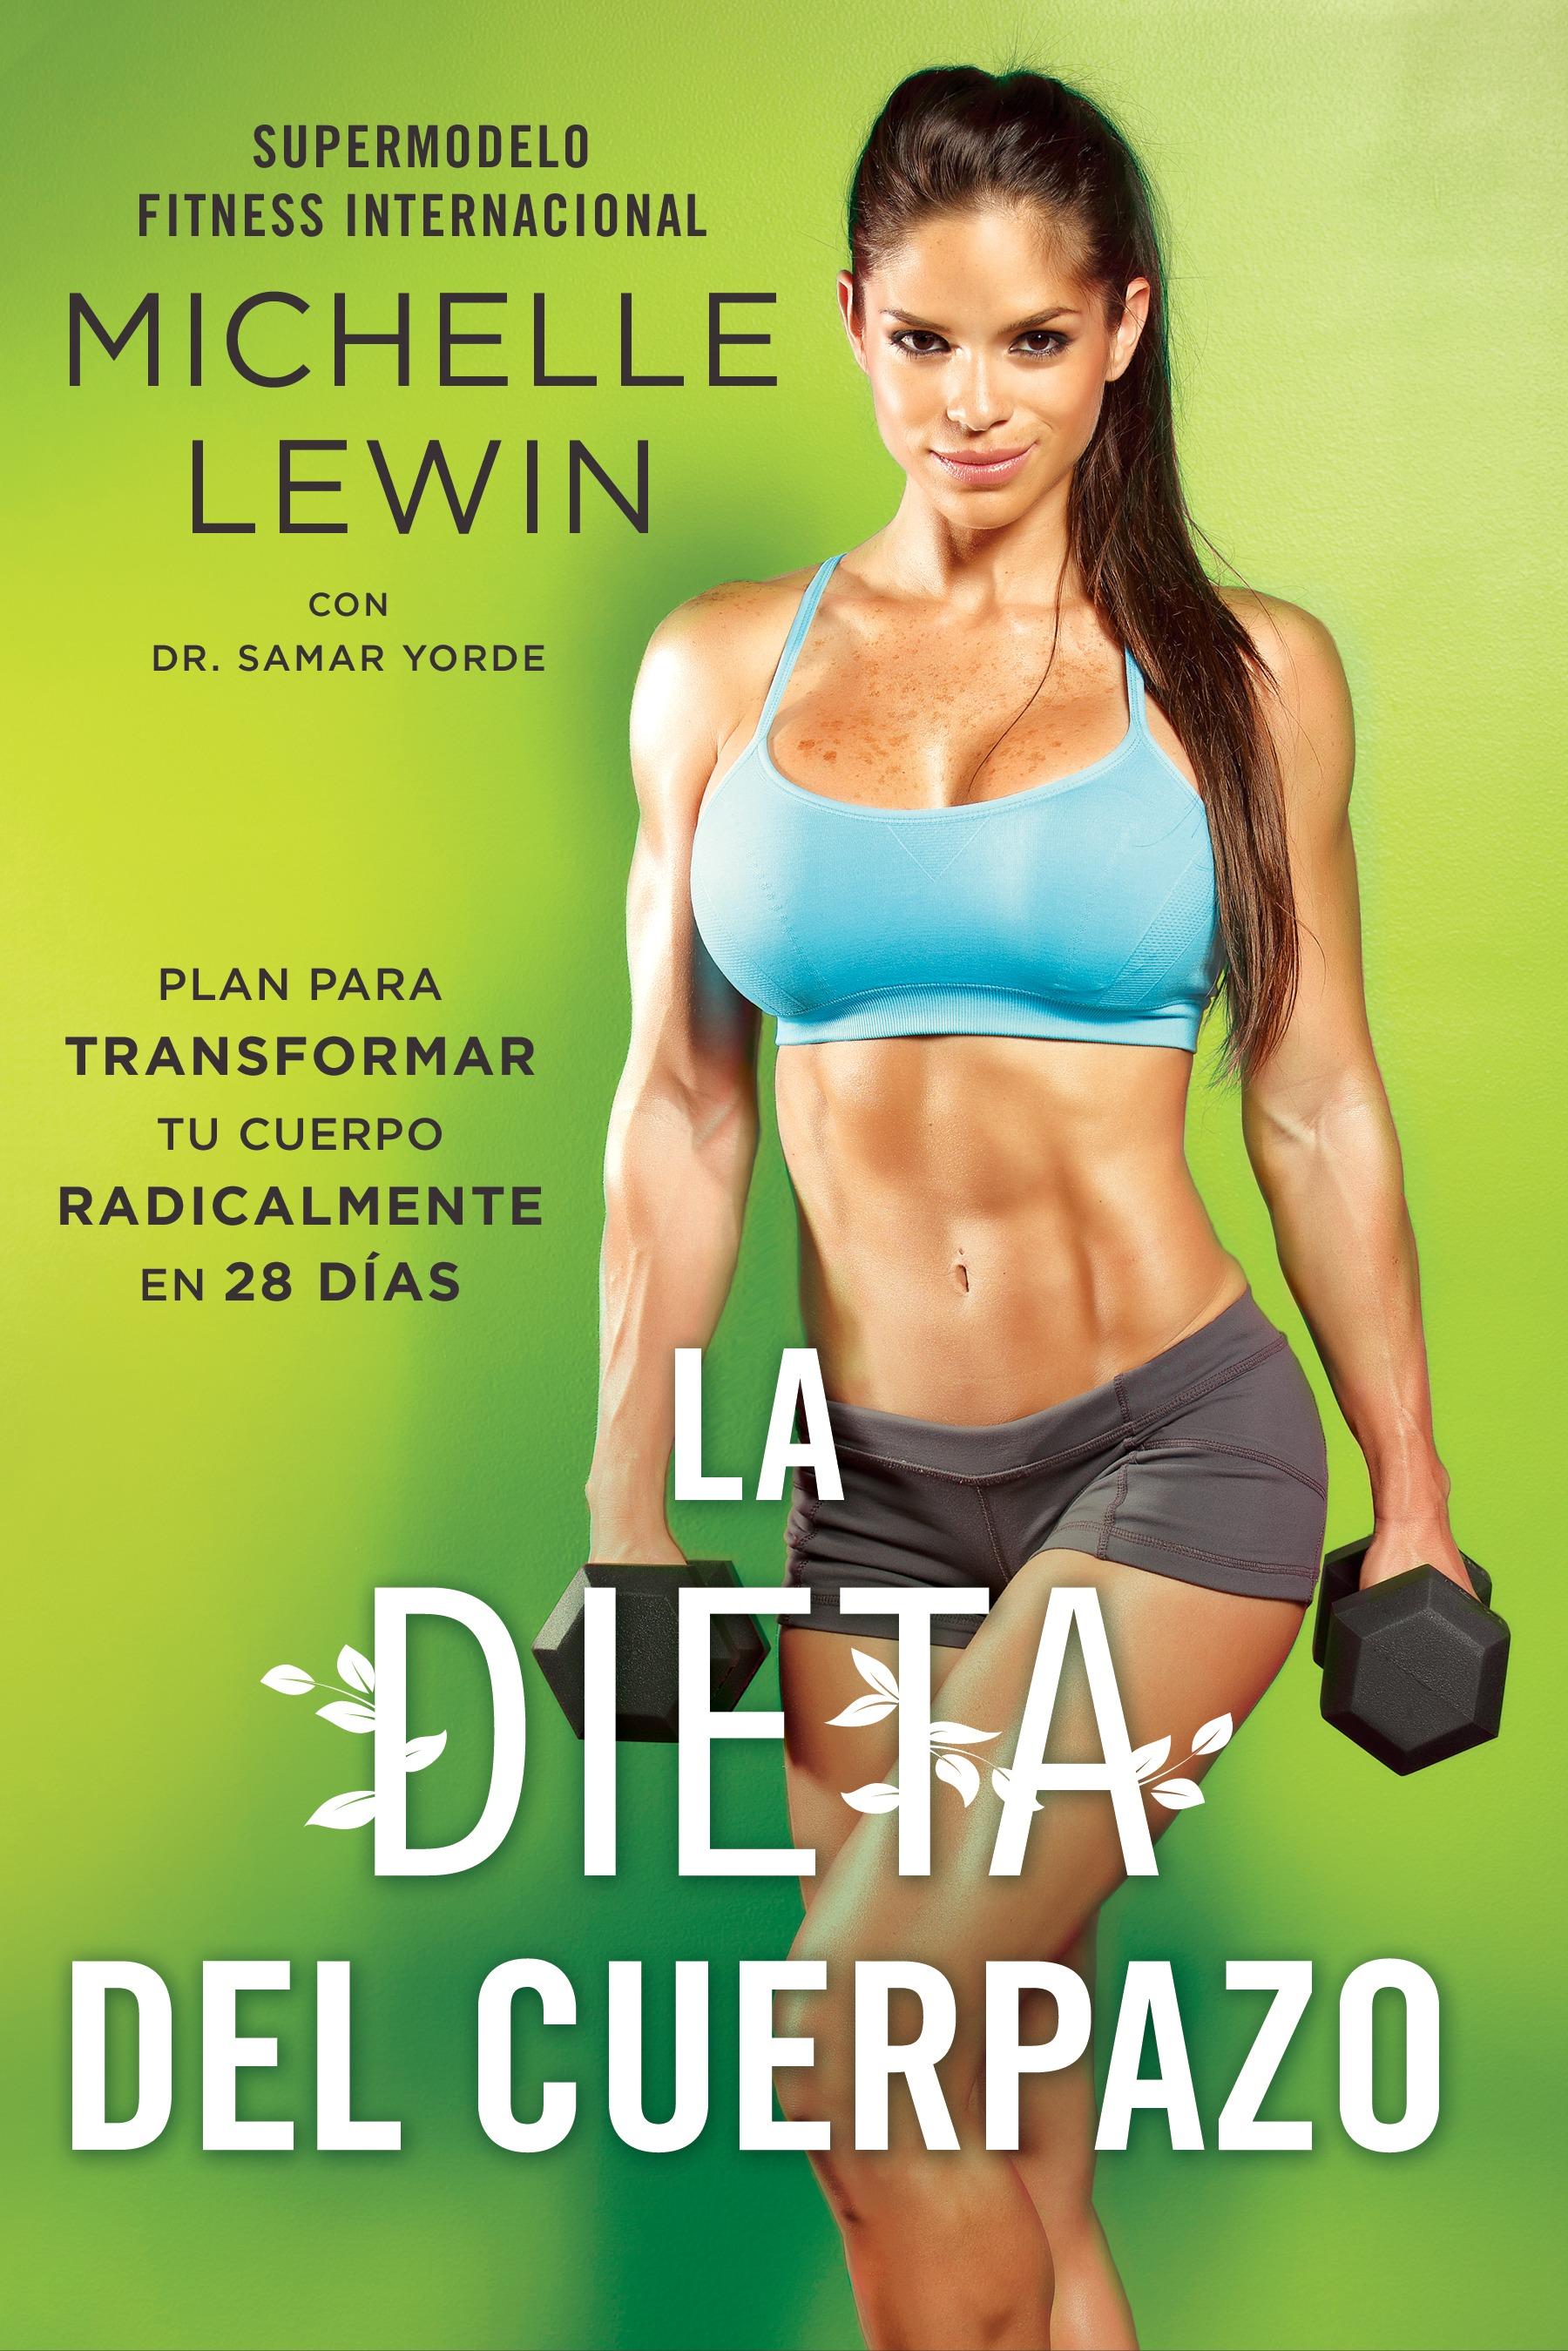 la-dieta-del-cuerpazo-cover.jpg